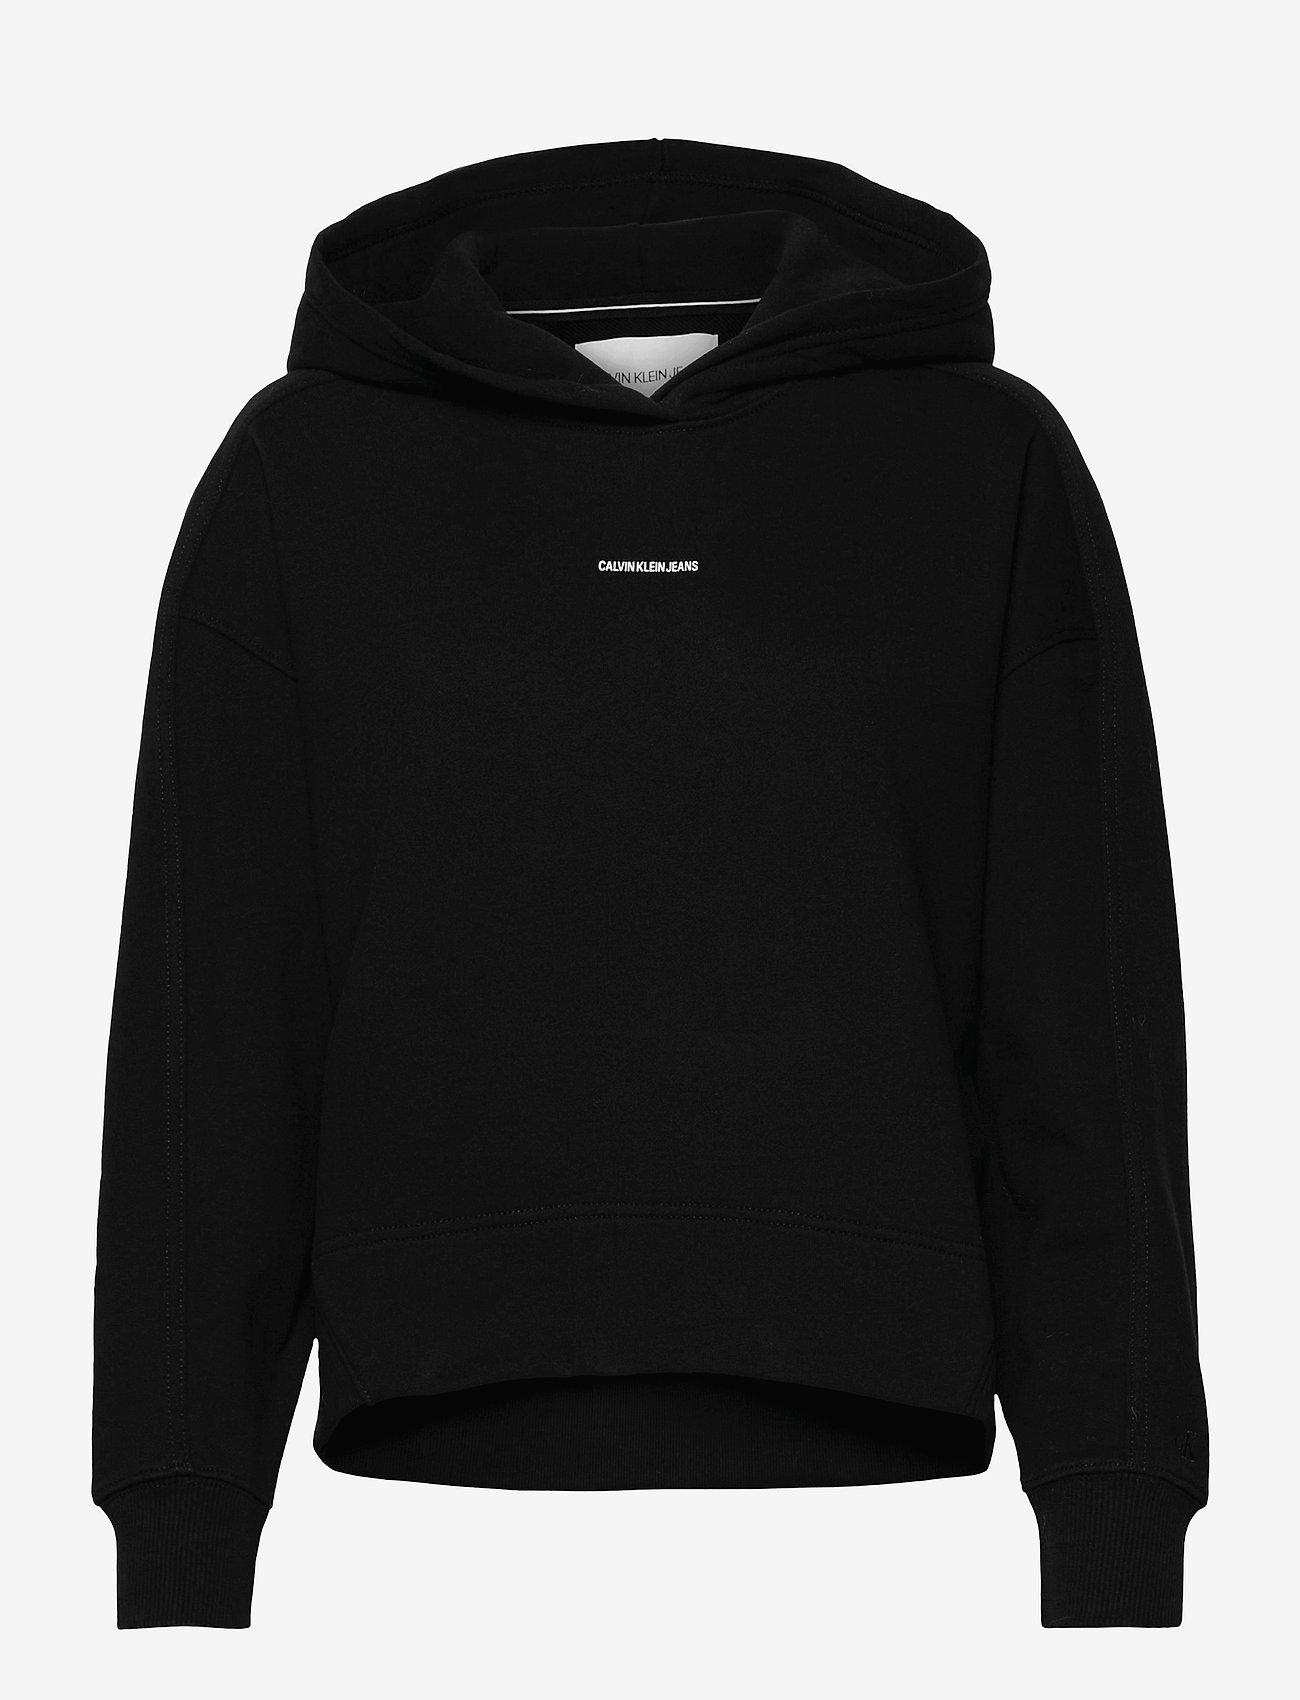 Calvin Klein Jeans - MICRO BRANDING HOODIE - gensere og hettegensere - ck black - 0